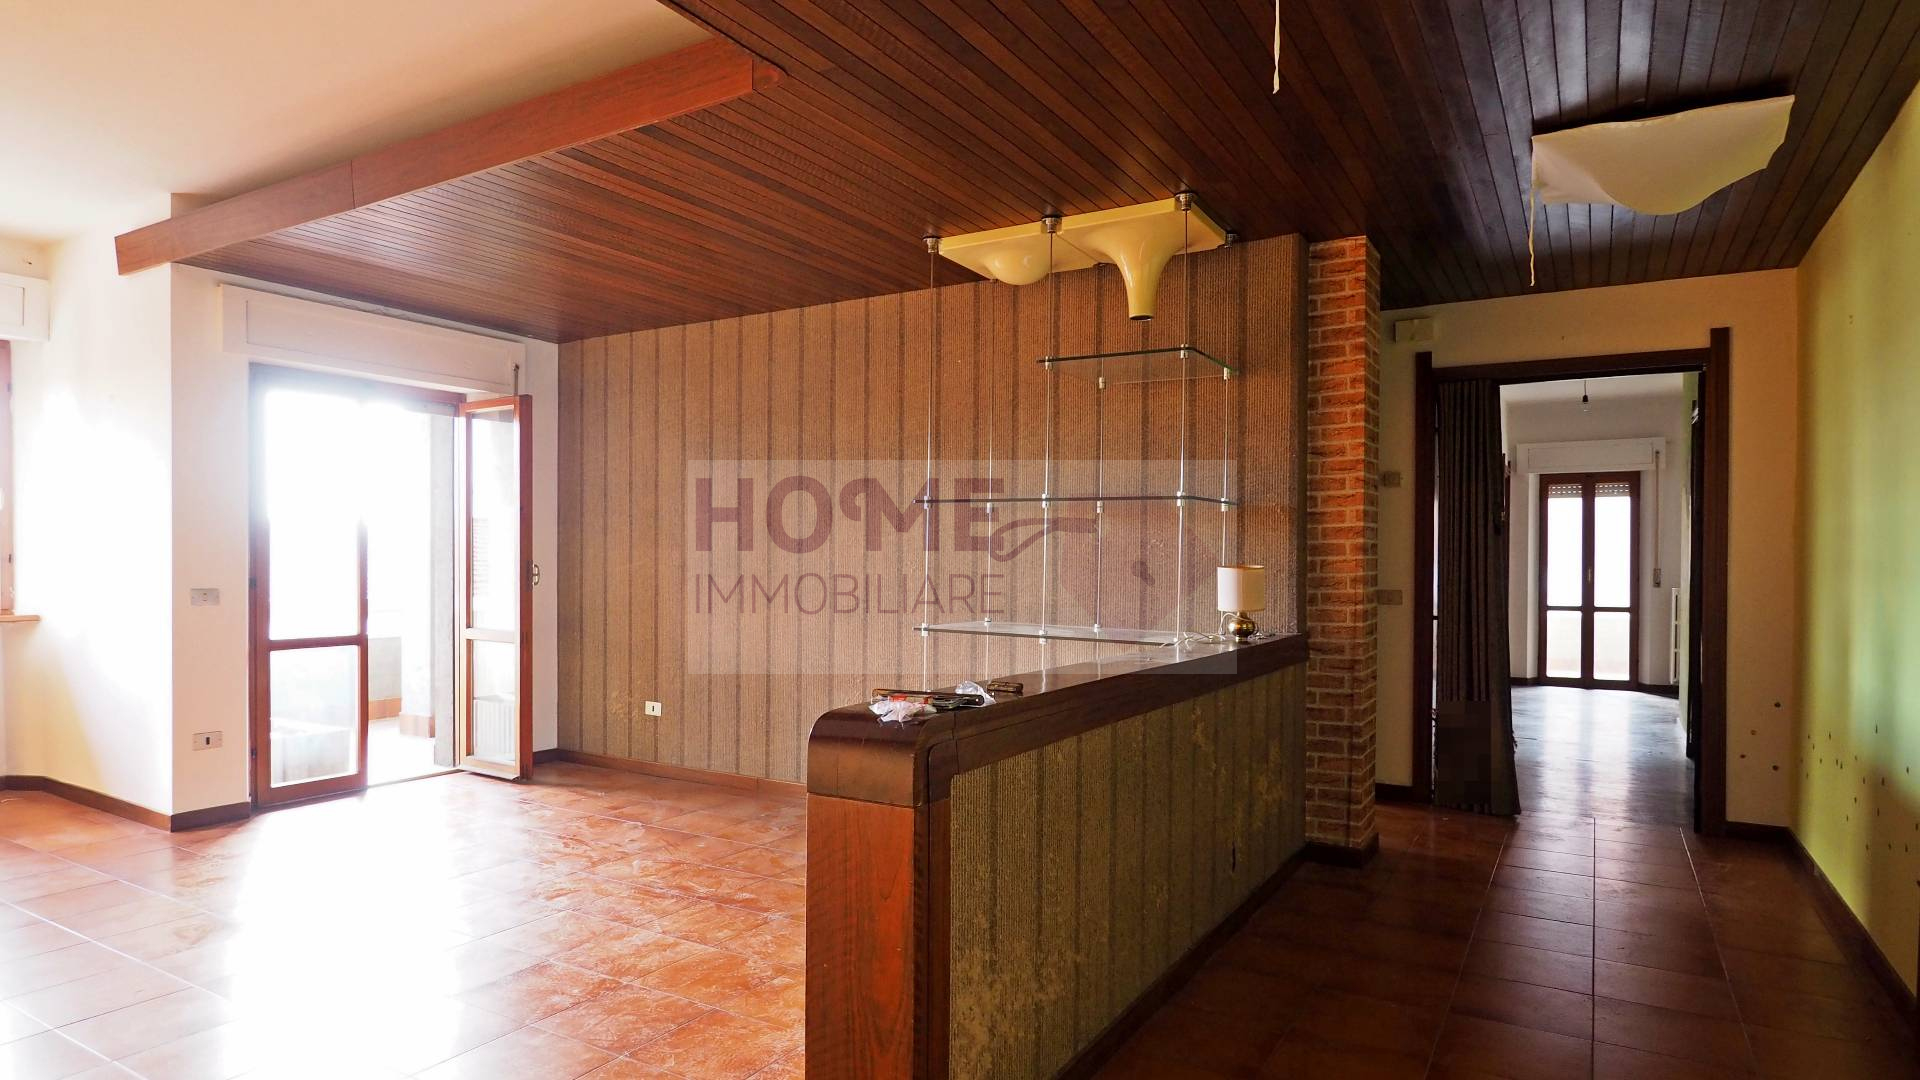 macerata vendita quart: semicentrale home immobiliare srl